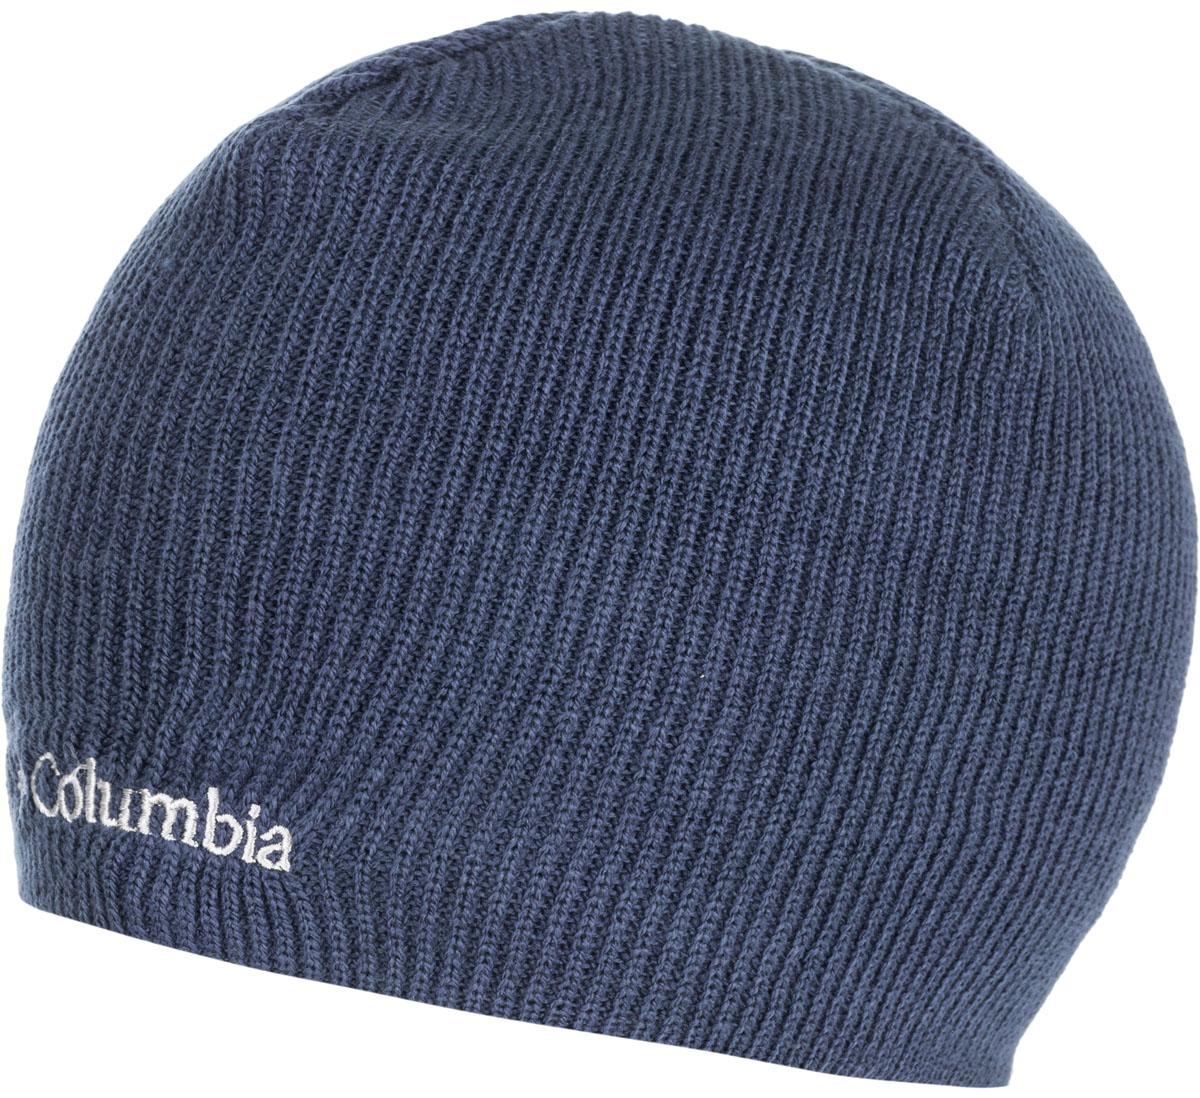 Шапка Columbia Whirlibird Watch, цвет: синий. 1185181-464. Размер универсальный1185181-464Данная модель шапки прекрасно подойдет для городской жизни и поездок за город. Модель оформлена вышитым логотипом бренда.